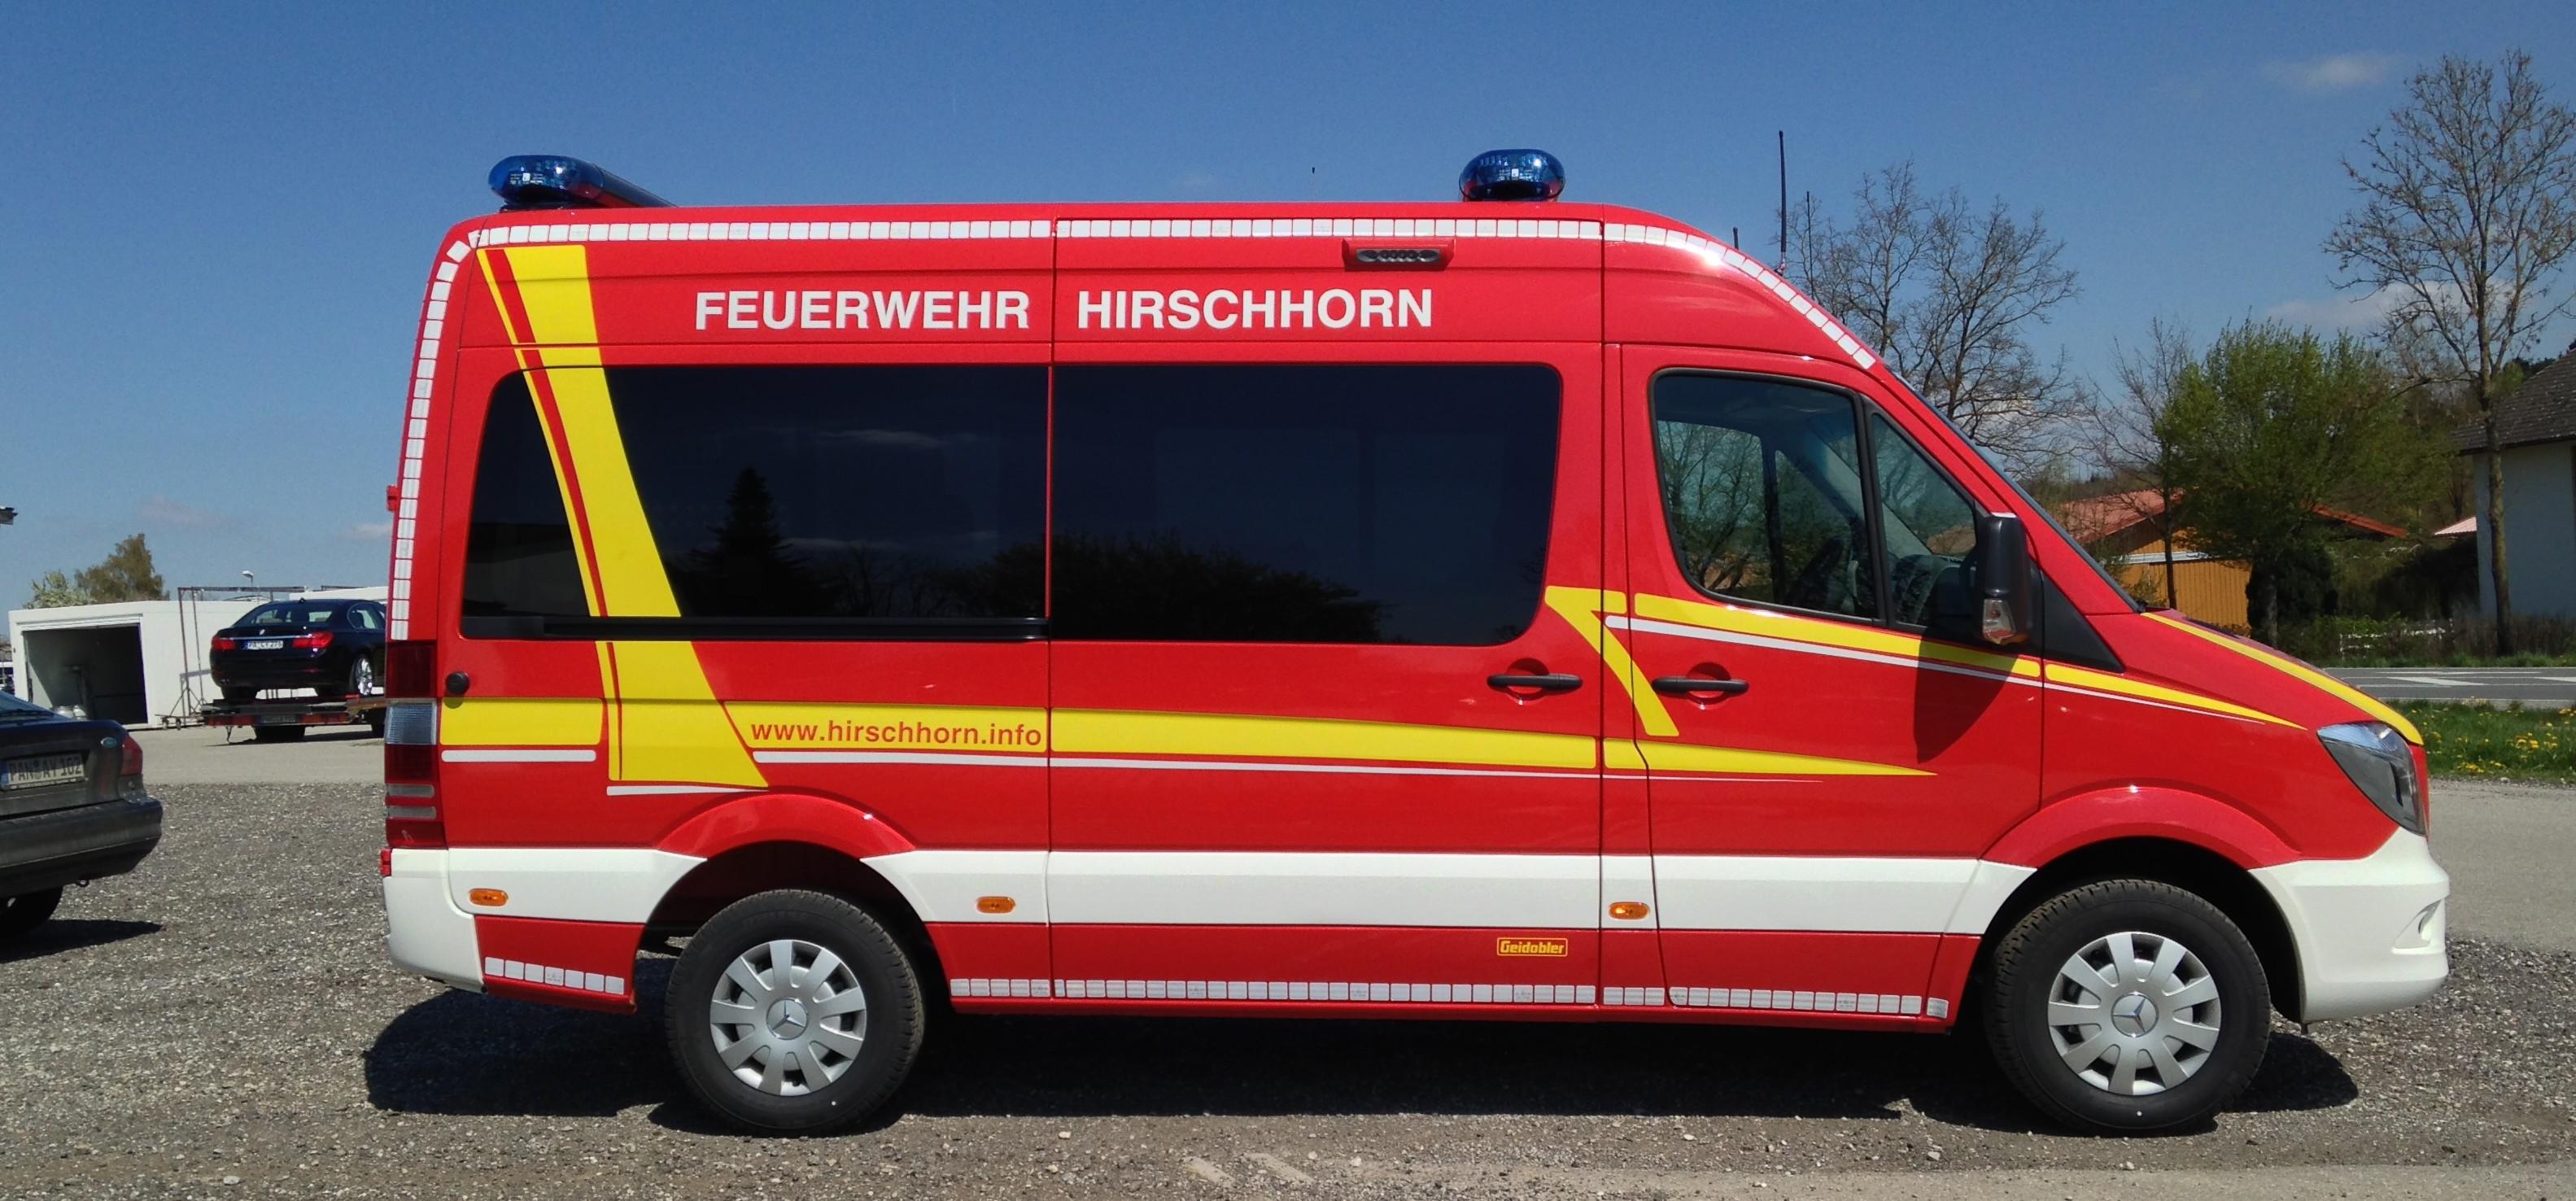 Feuerwehr Hirschhorn